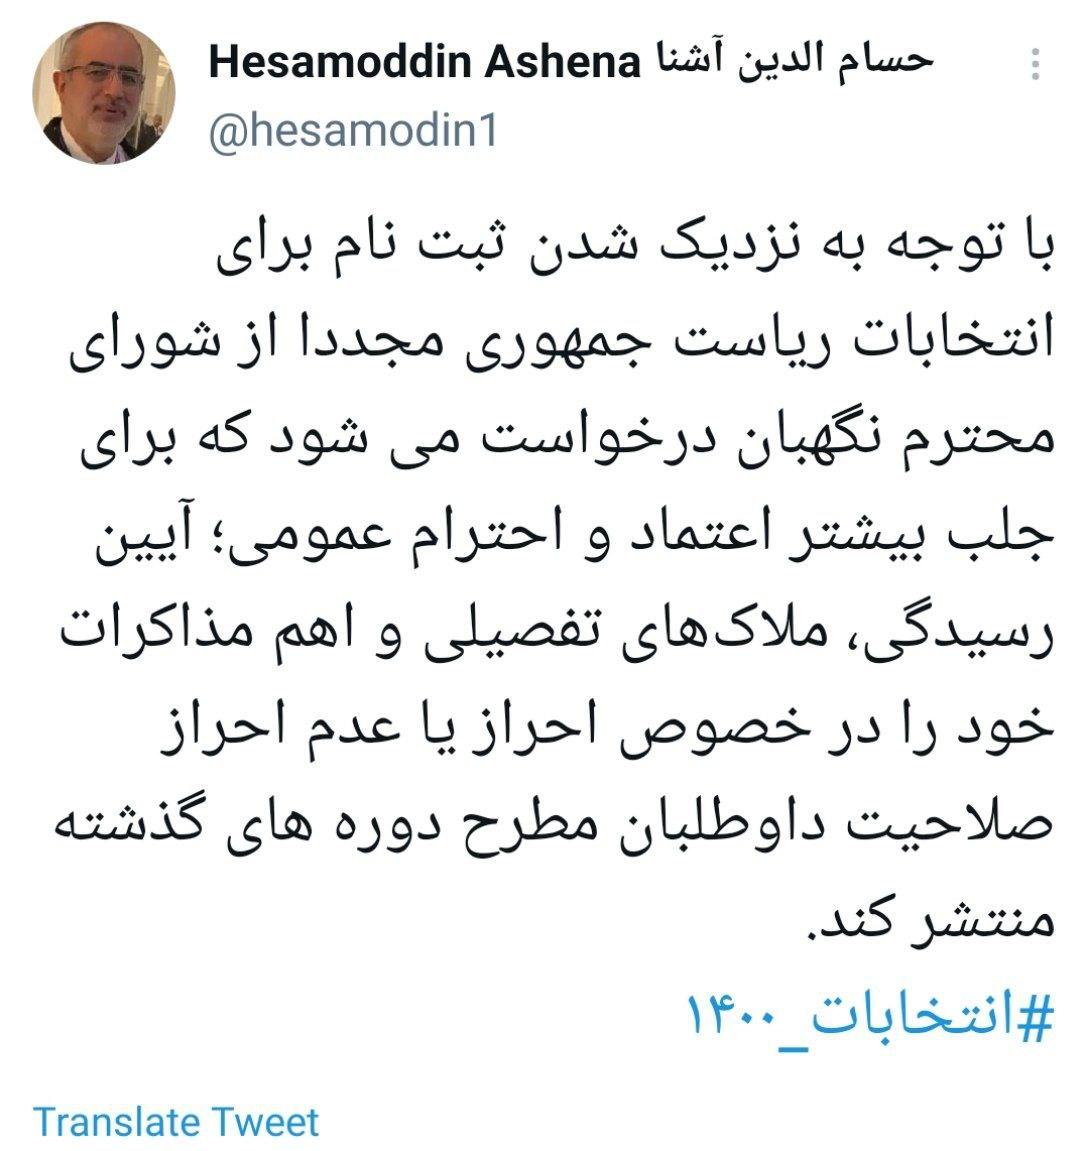 حسام الدین آشنا توییت جدیدی را در رابطه با انتخابات منتشر کرد